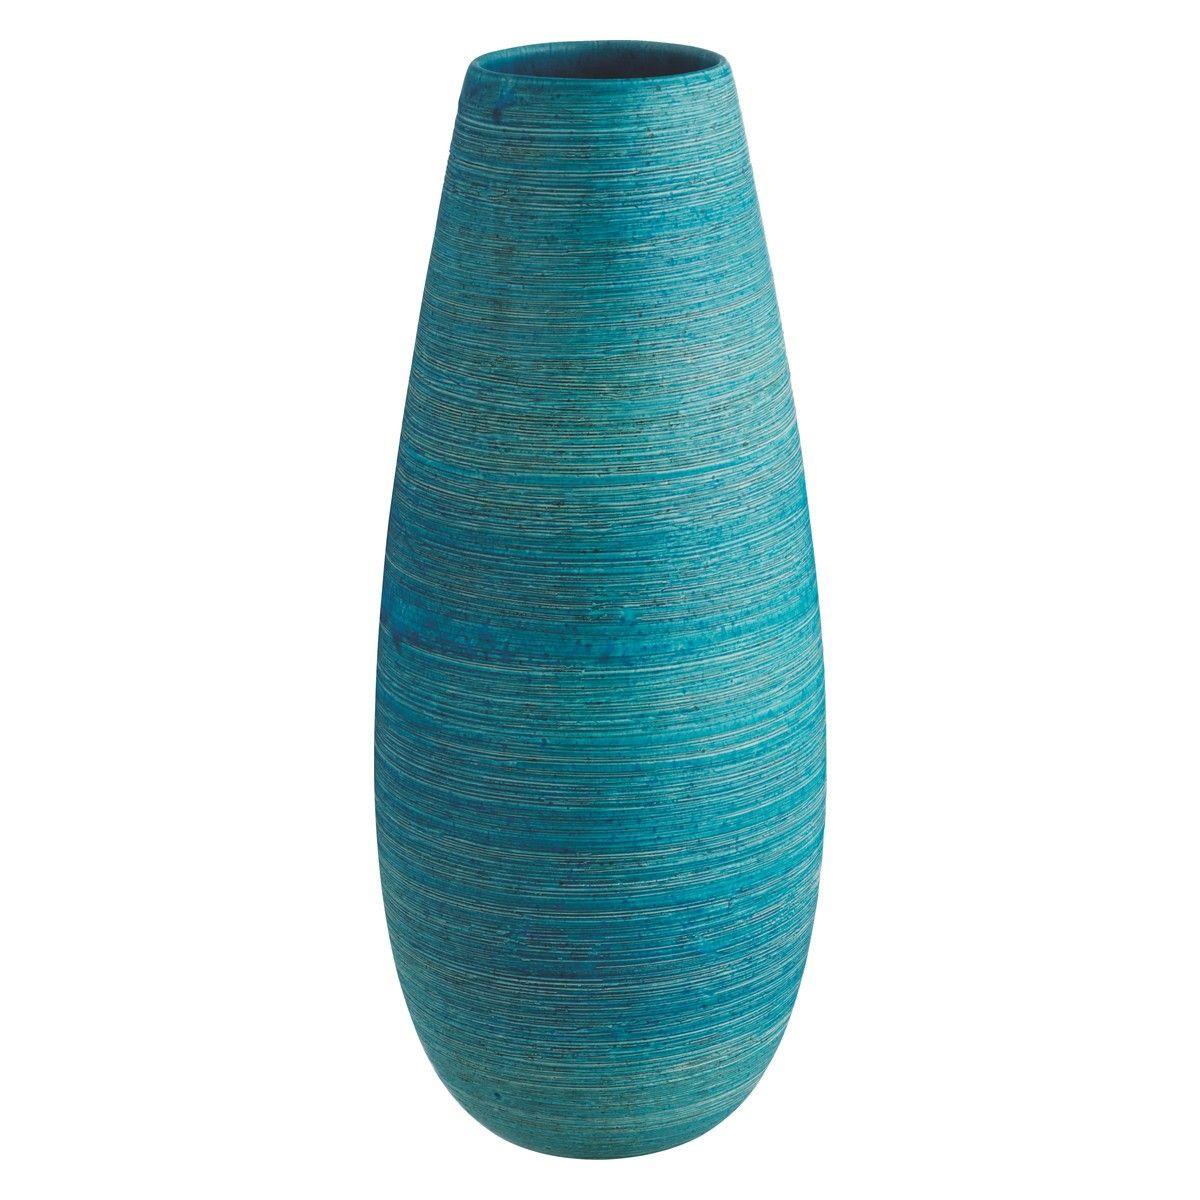 Turk blue ceramic vase ceramic vase living rooms and decorating turk blue ceramic vase reviewsmspy